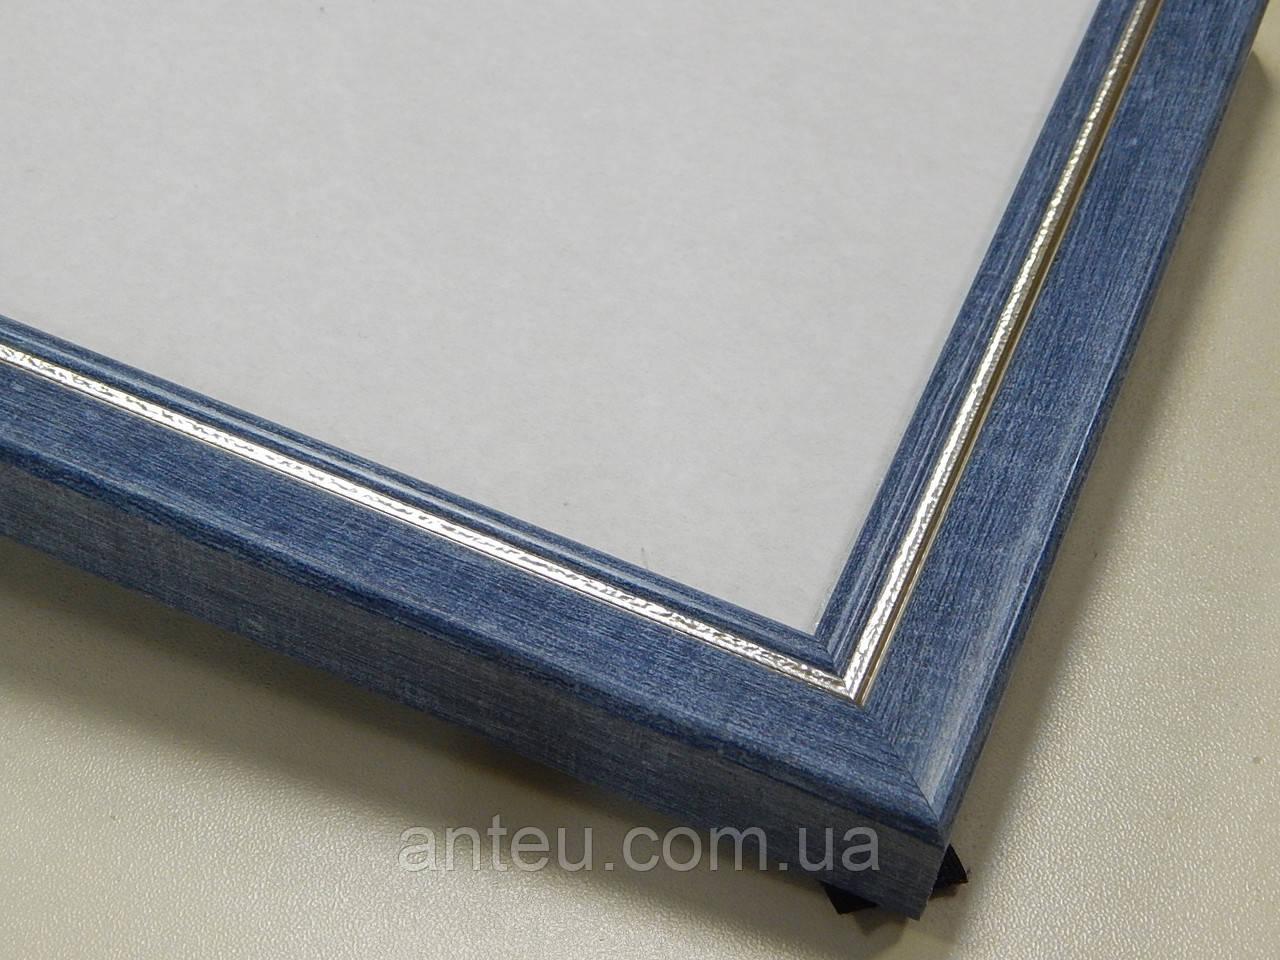 Рамка А3 (297х420).Рамка пластиковая 22 мм.